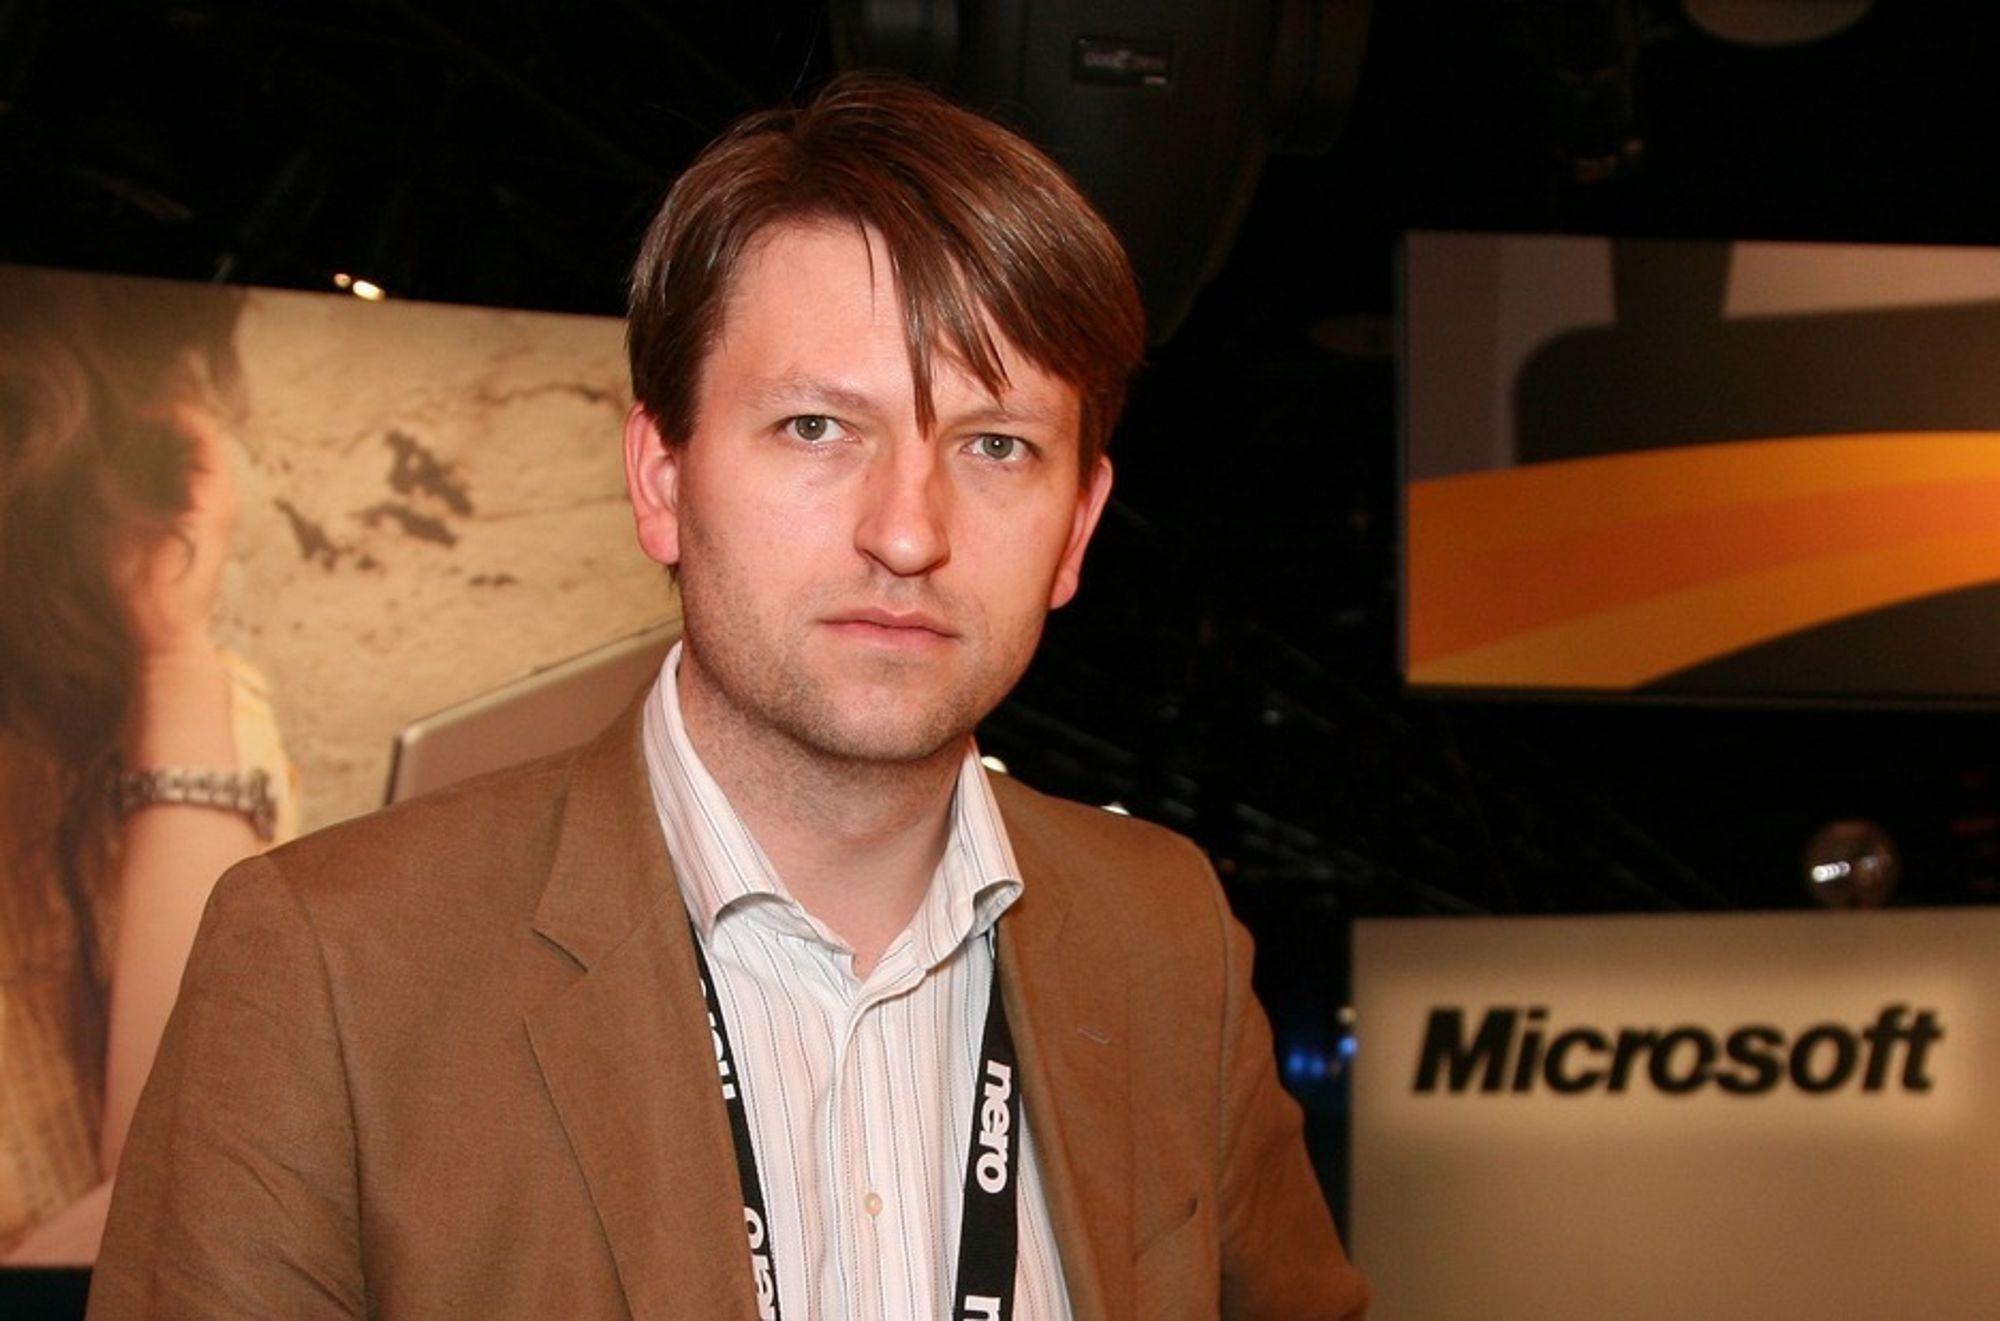 Uvisst: Kommunikasjonsdirektør Eirik Lae Solberg har ennå ikke fått beskjed om oppsigelser hos Microsoft Norge.